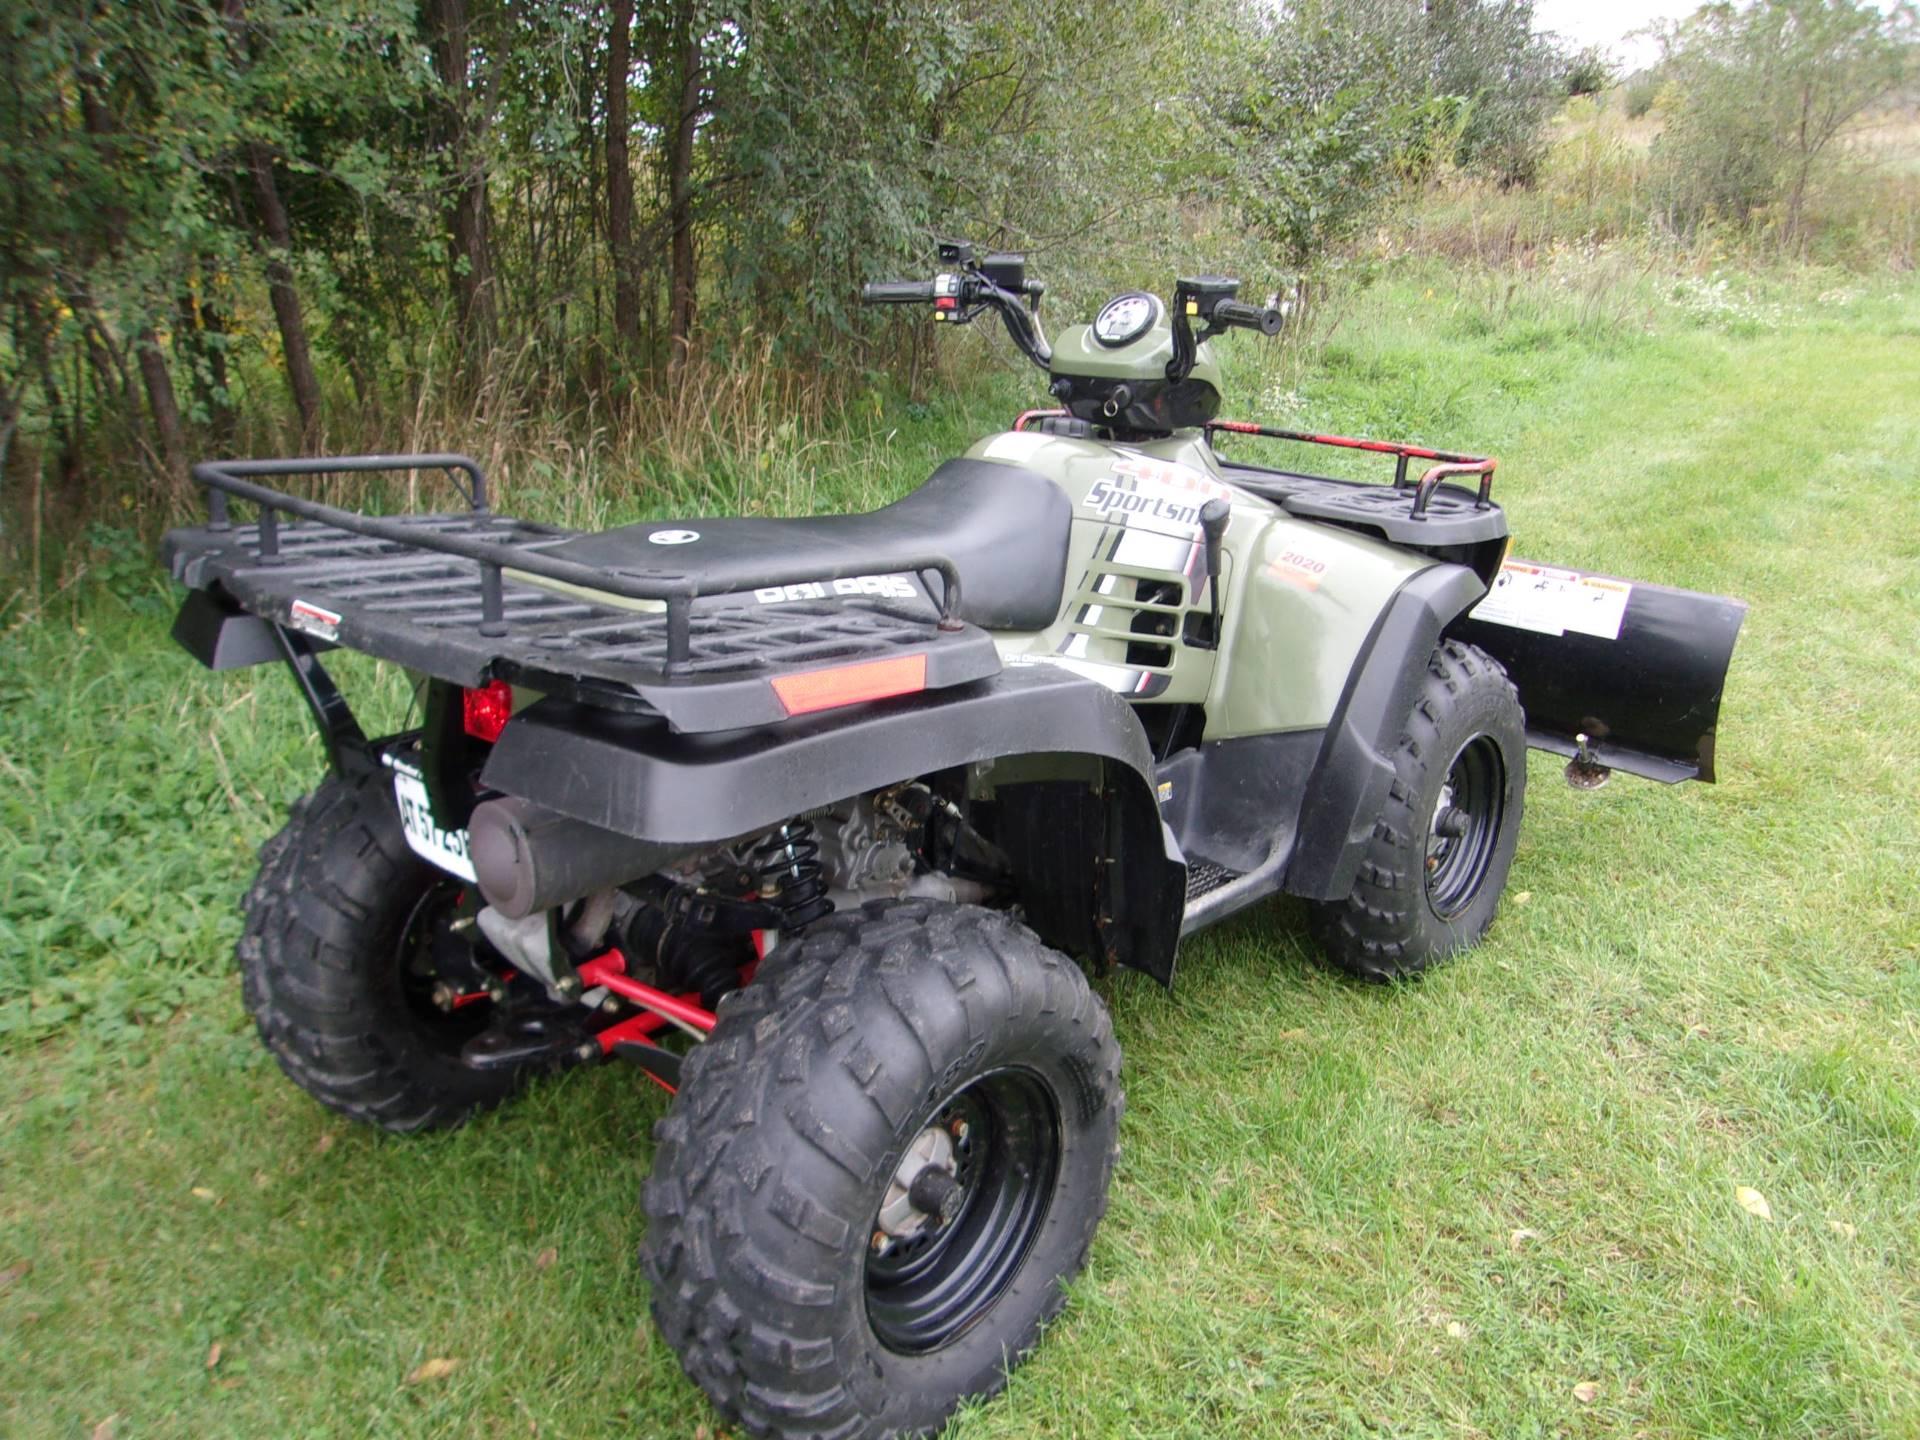 Used 2004 Polaris Sportsman 400 ATVs in Mukwonago, WI